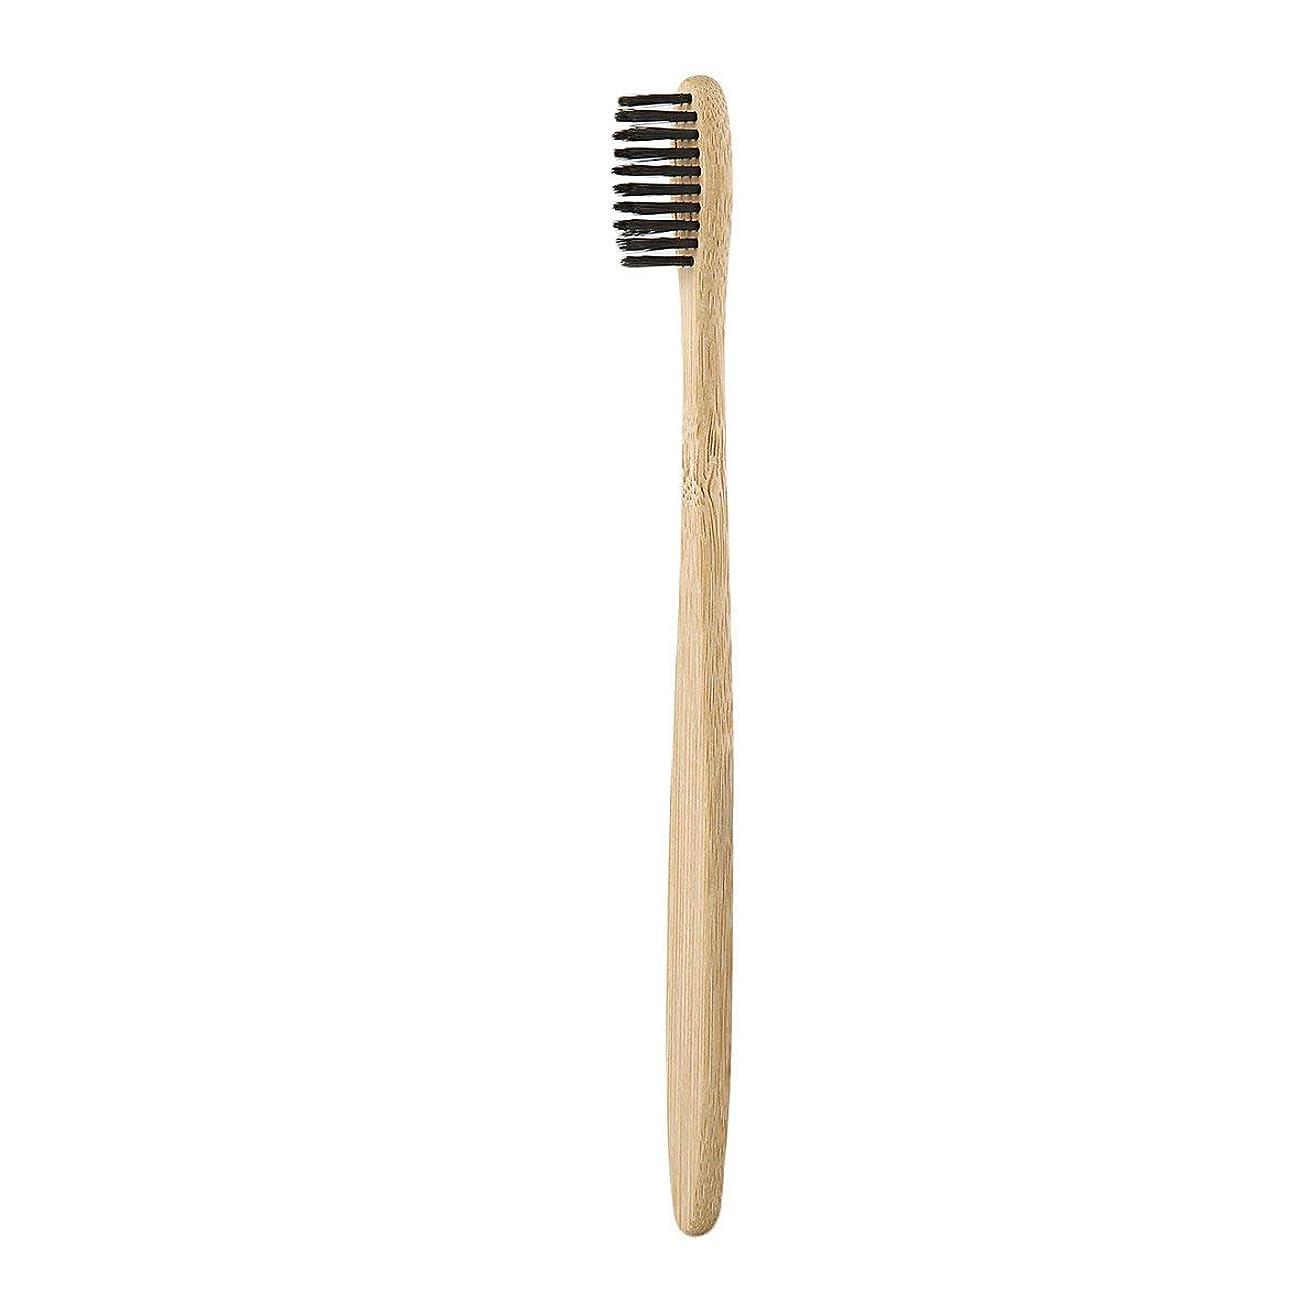 テニス説明バングラデシュ手作りの快適な環境に優しい環境歯ブラシ竹ハンドル歯ブラシ炭毛健康オーラルケア-ウッドカラー